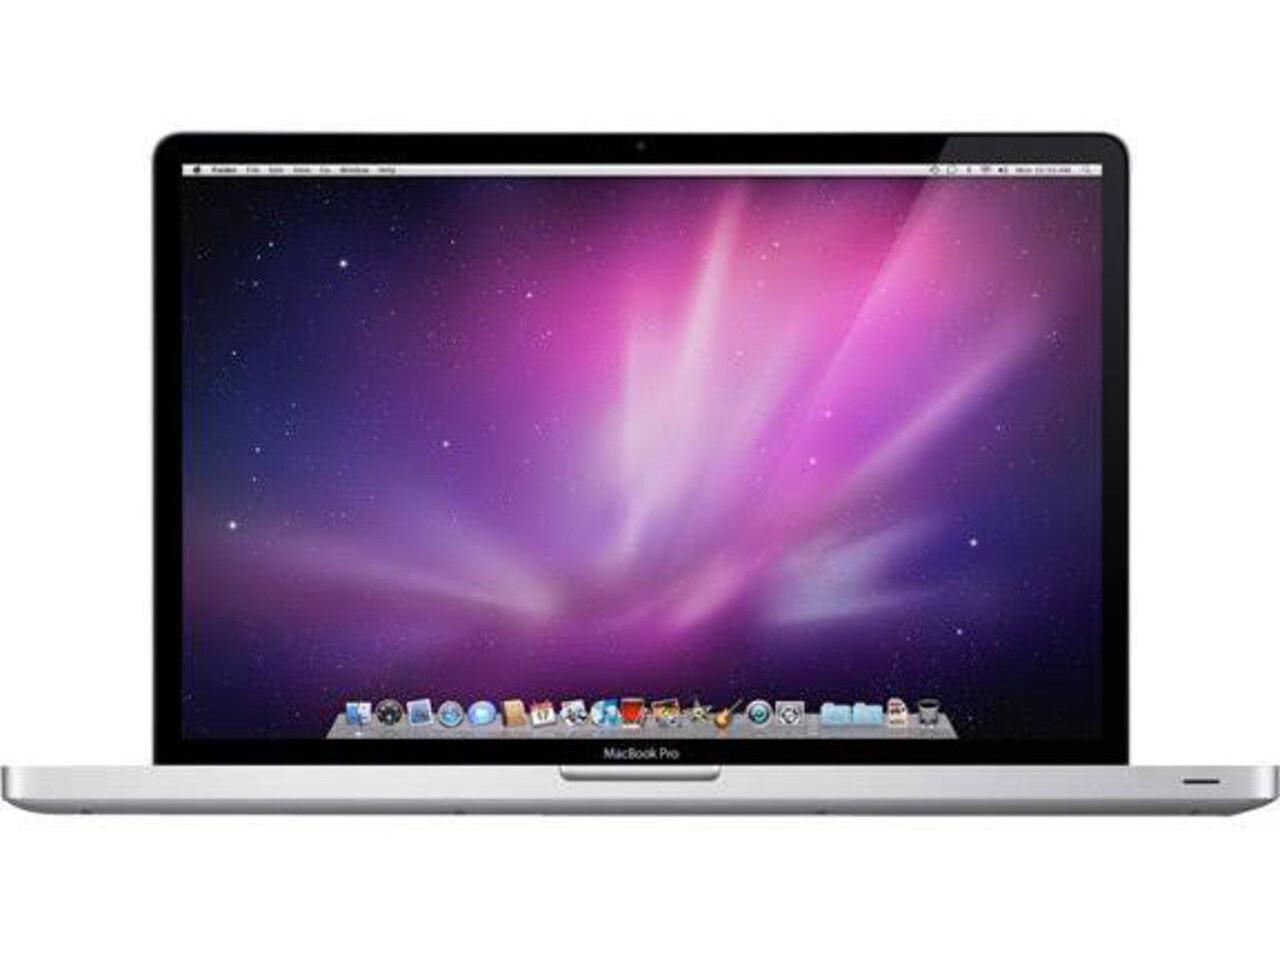 macbook pro 15 inch nr 2010 silver